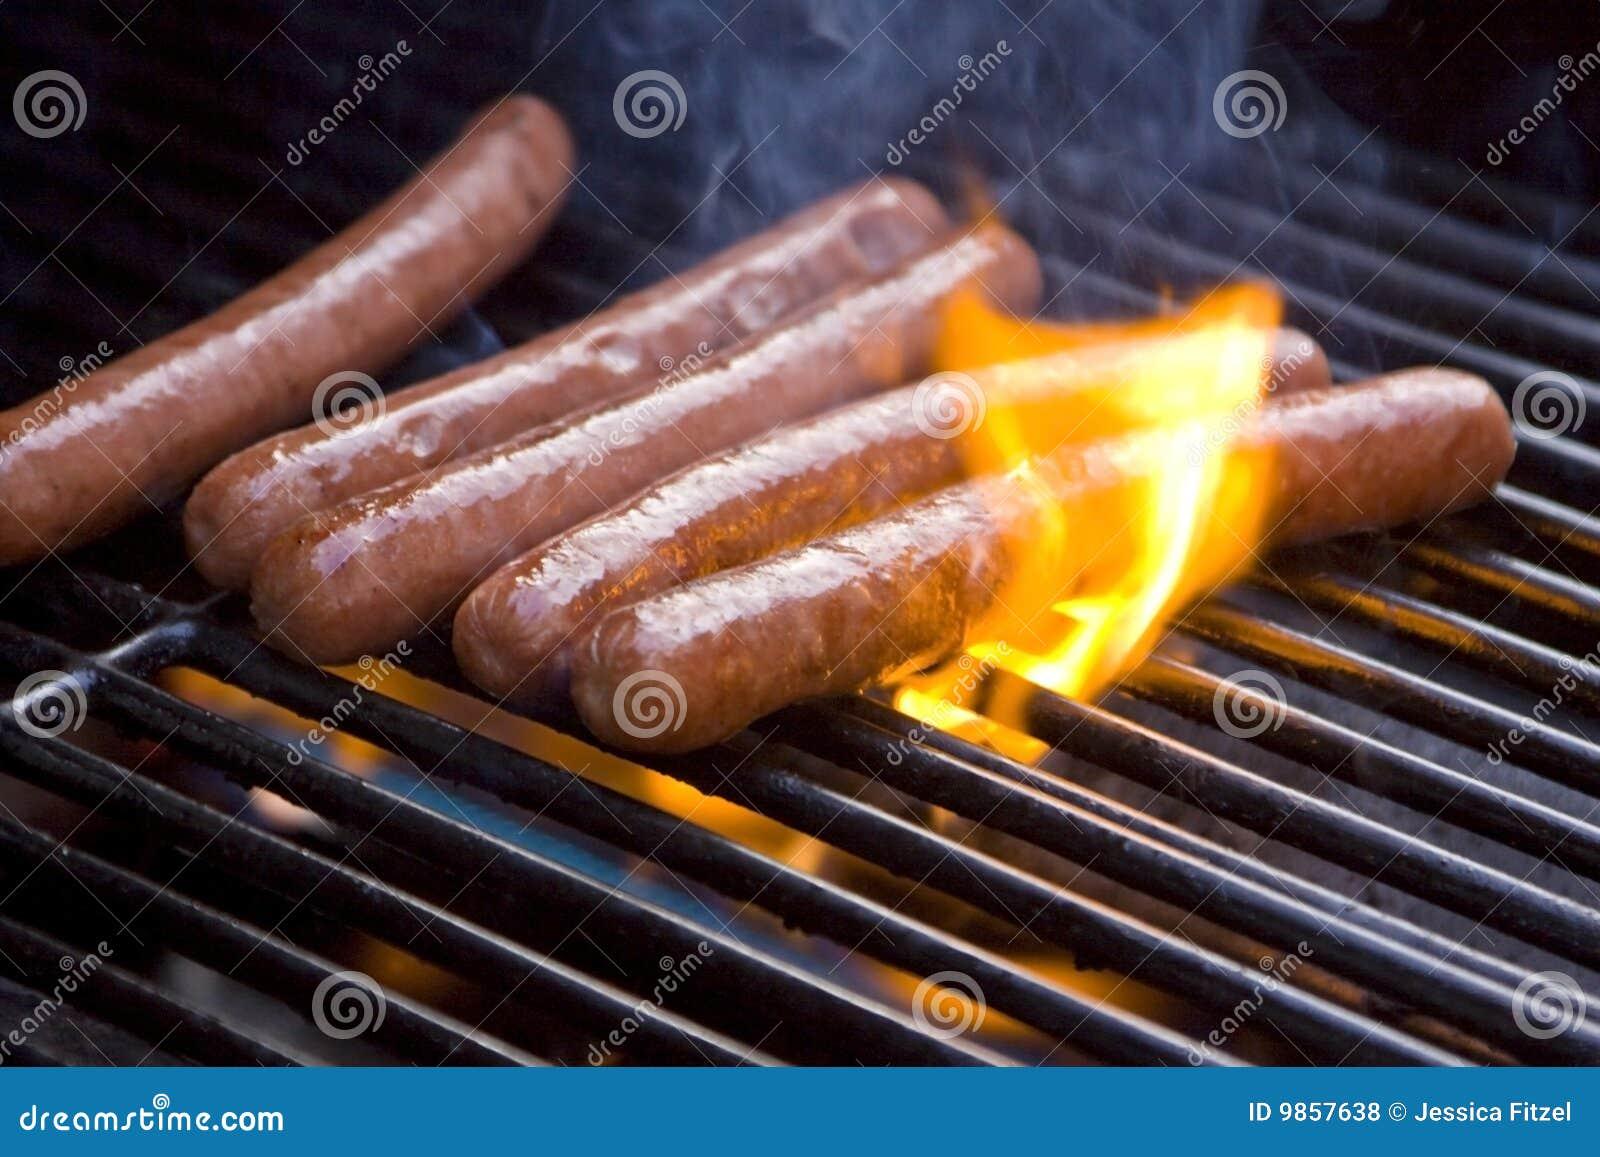 Hundar grill varmt